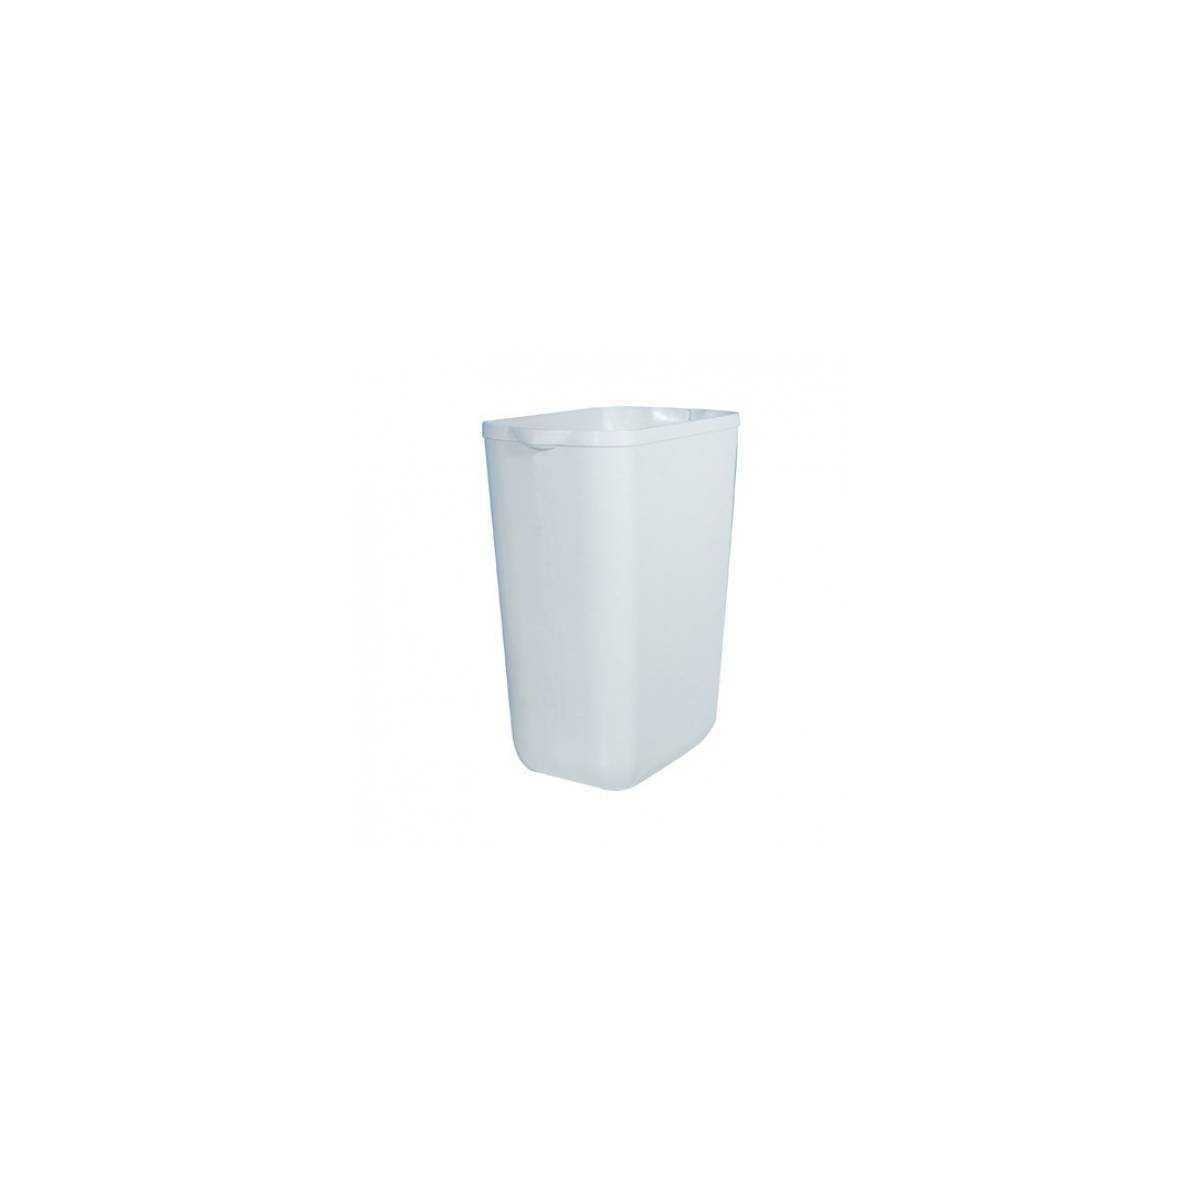 Урна для мусора 23л PRESTIGE (742) 742 Mar Plast